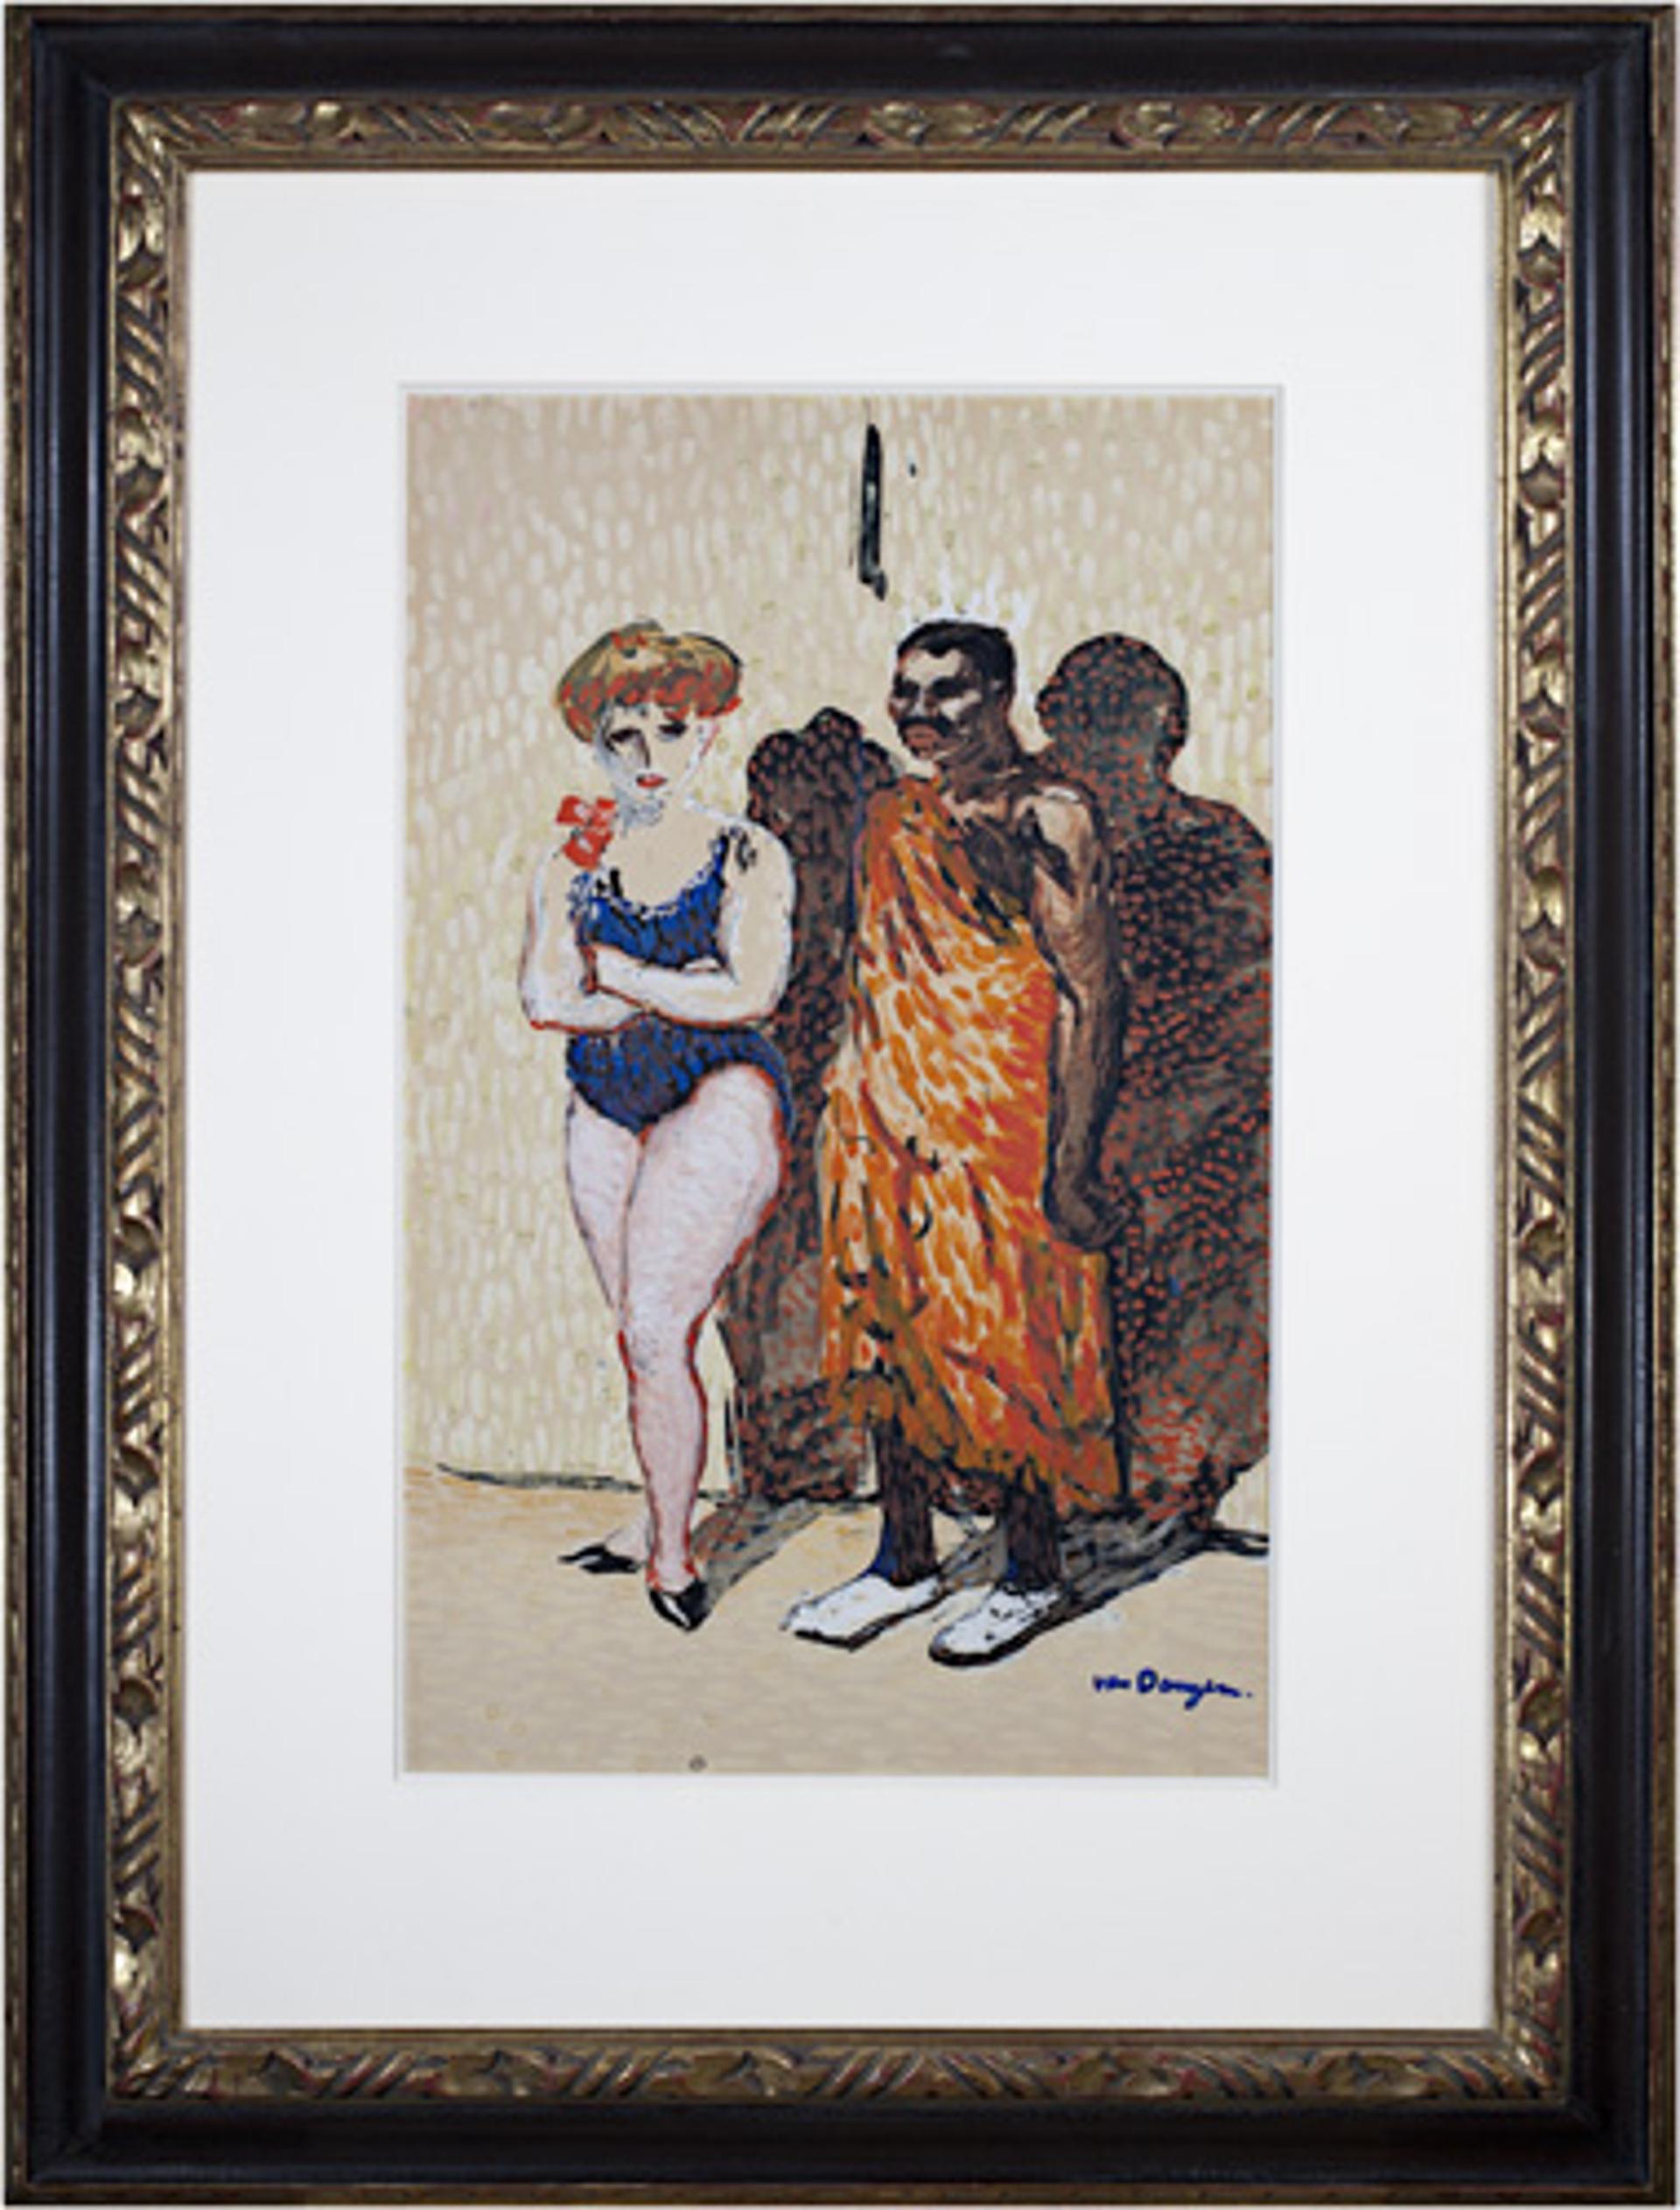 Les Artistes du Cirque by Kees Van Dongen